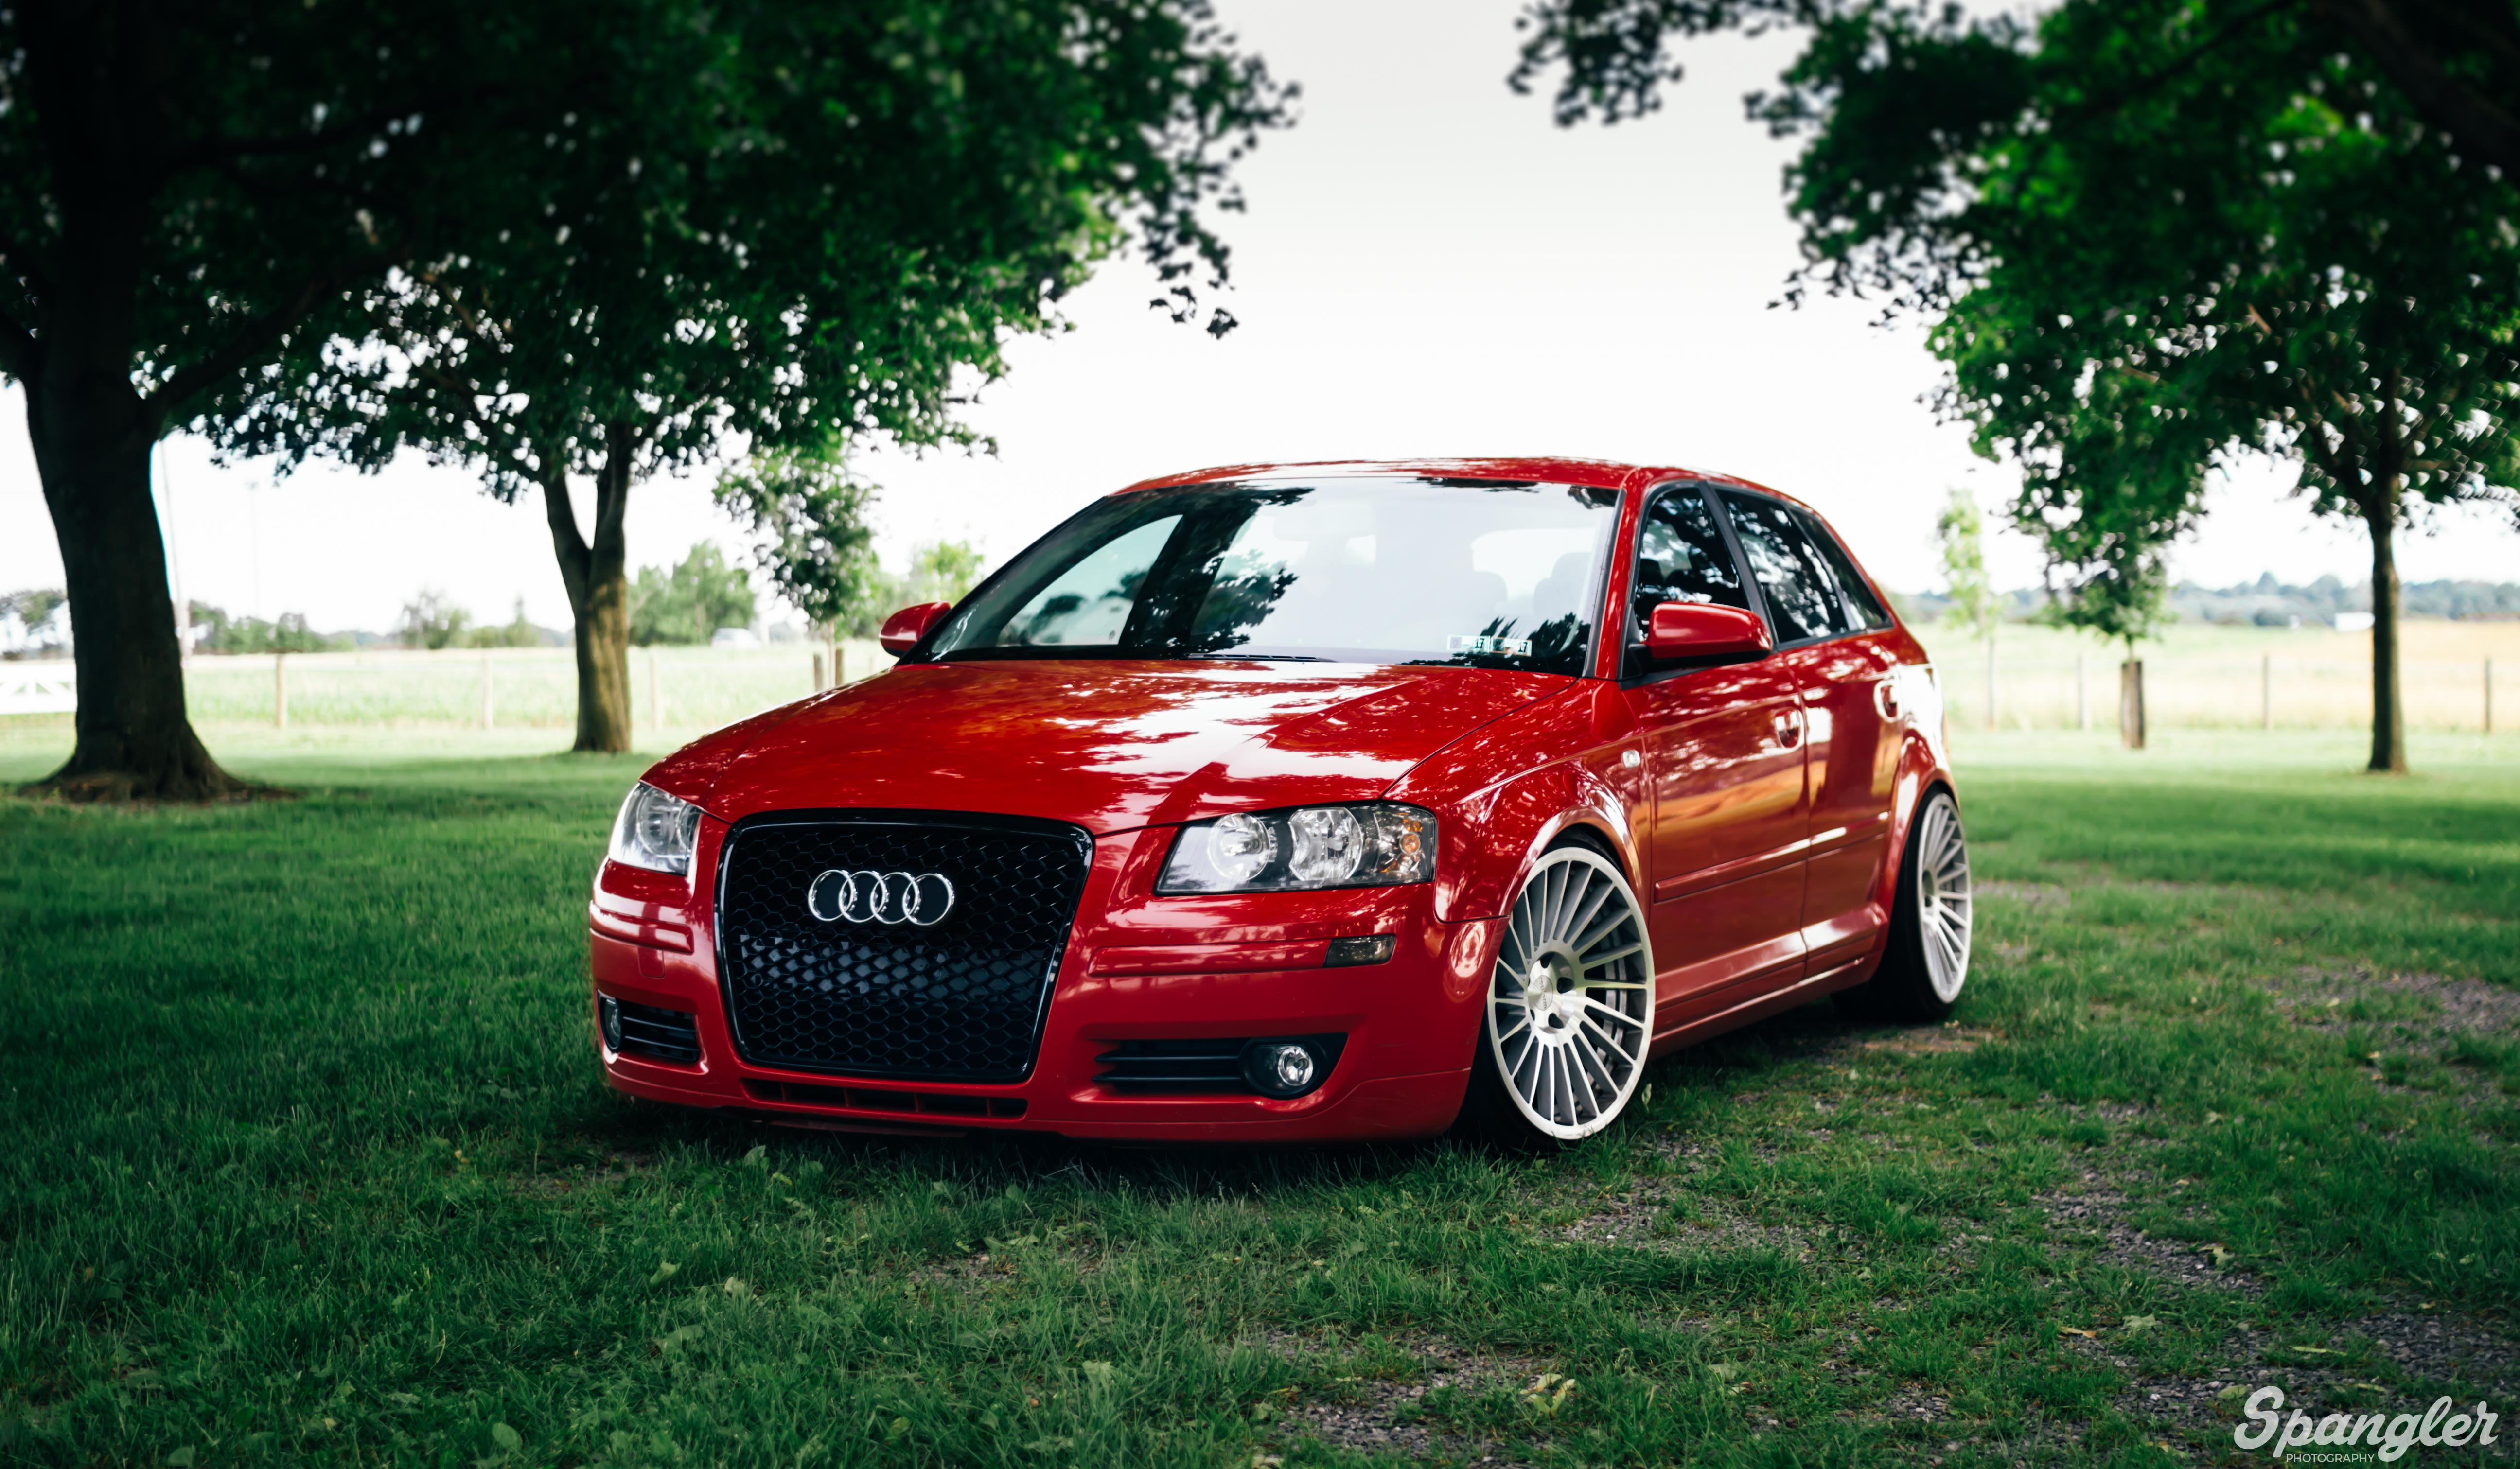 142923 скачать обои Тачки (Cars), Audi A3, Красный, Вид Спереди, Машины, Трава - заставки и картинки бесплатно